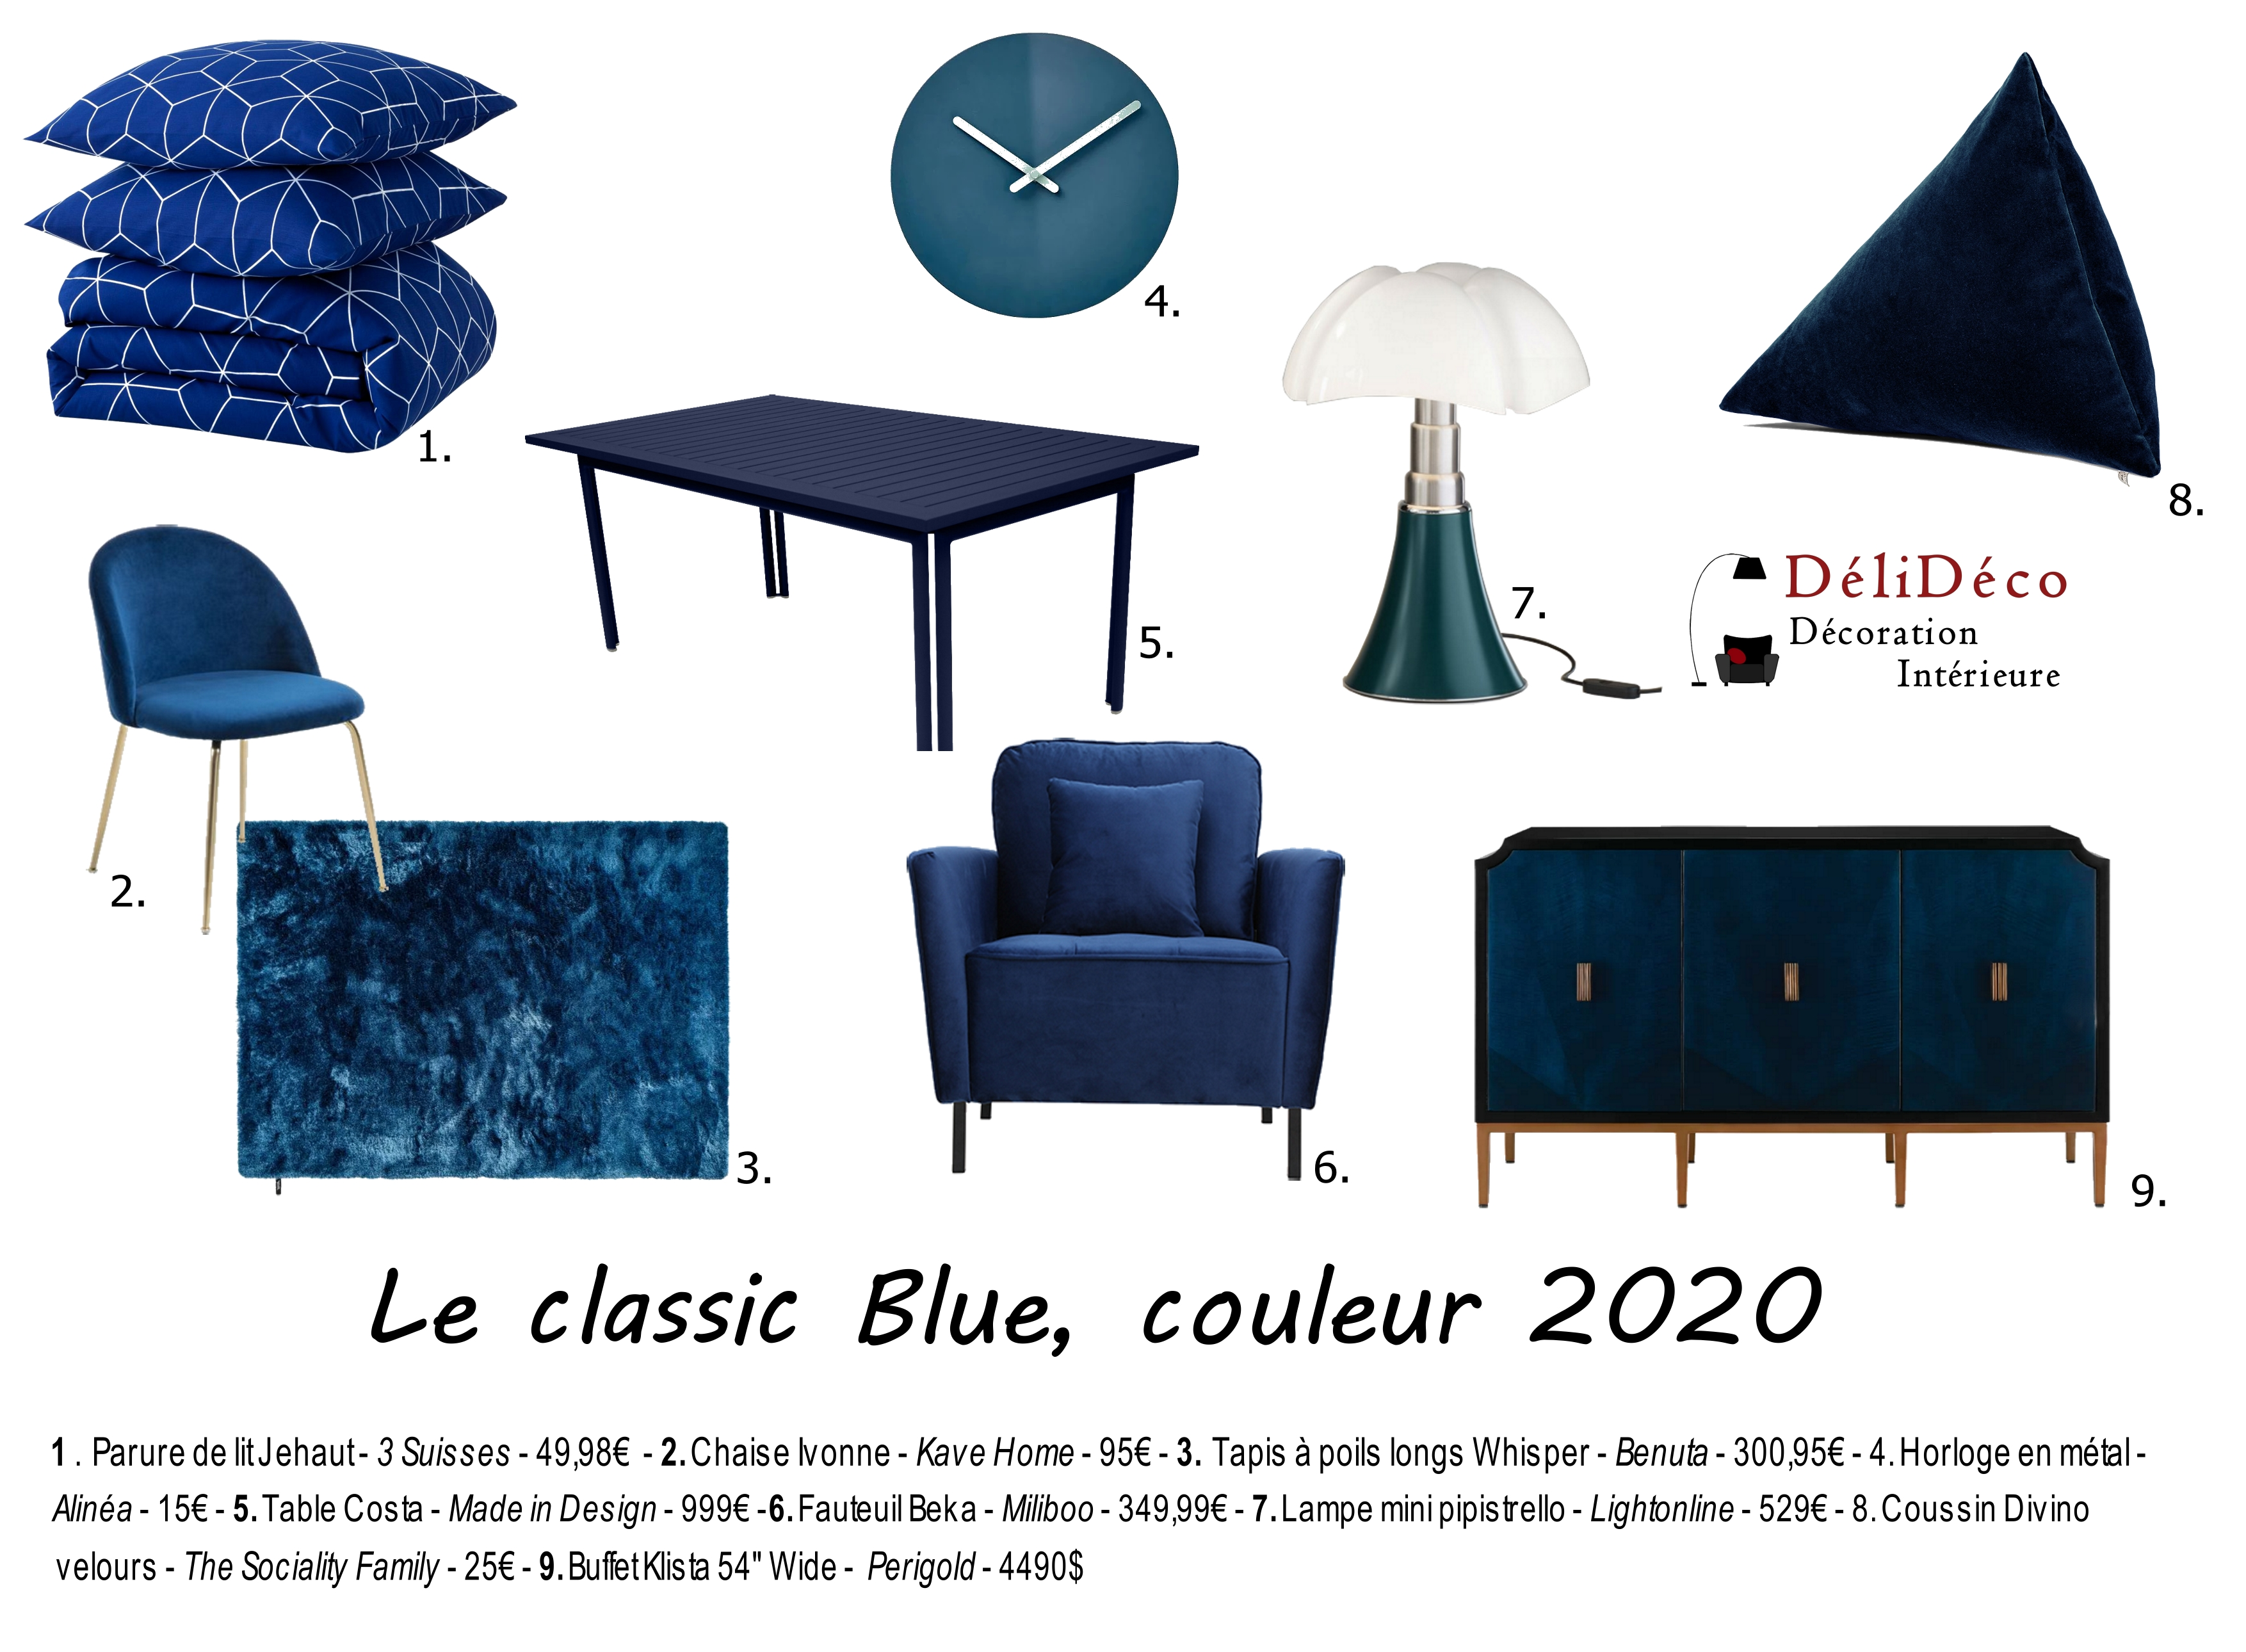 Shopping list mobilier accessoires classic blue